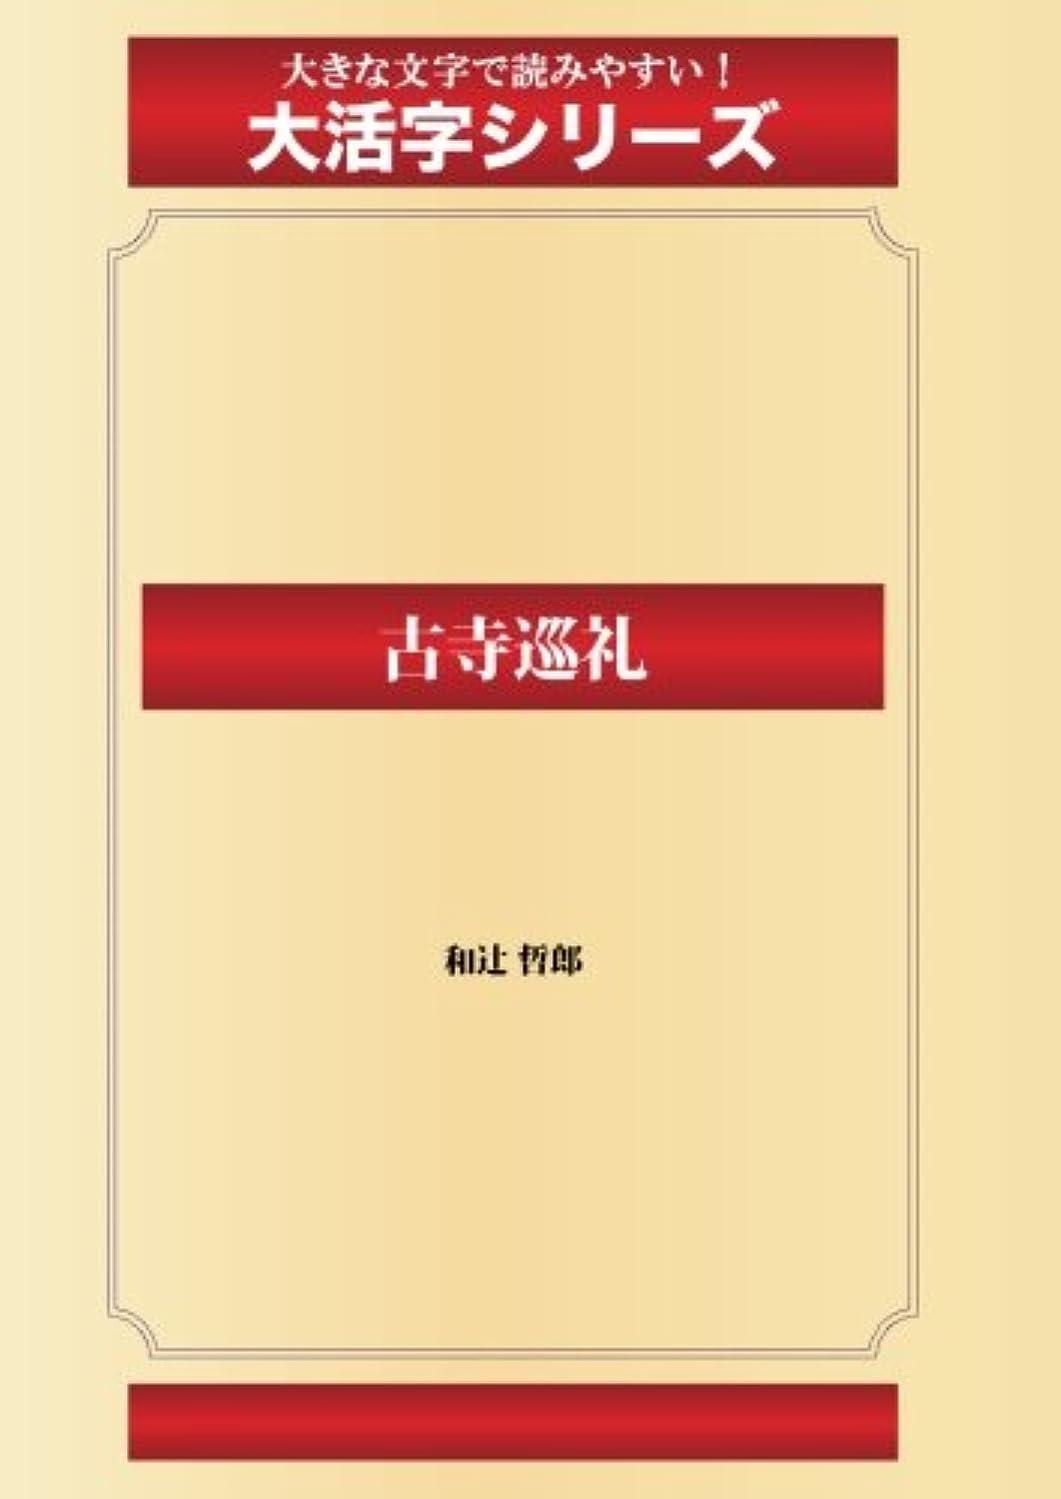 古寺巡礼(ゴマブックス大活字シリーズ)